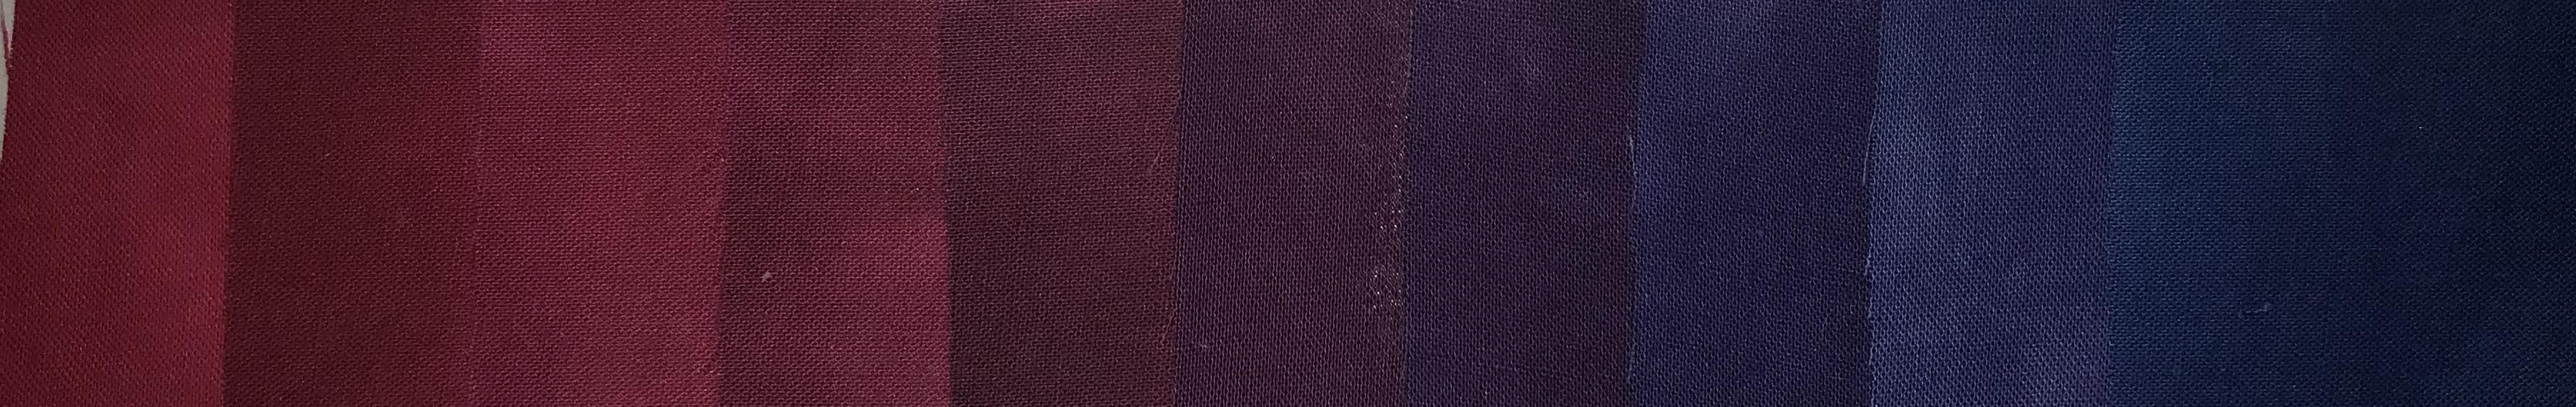 yawg dye 06-18